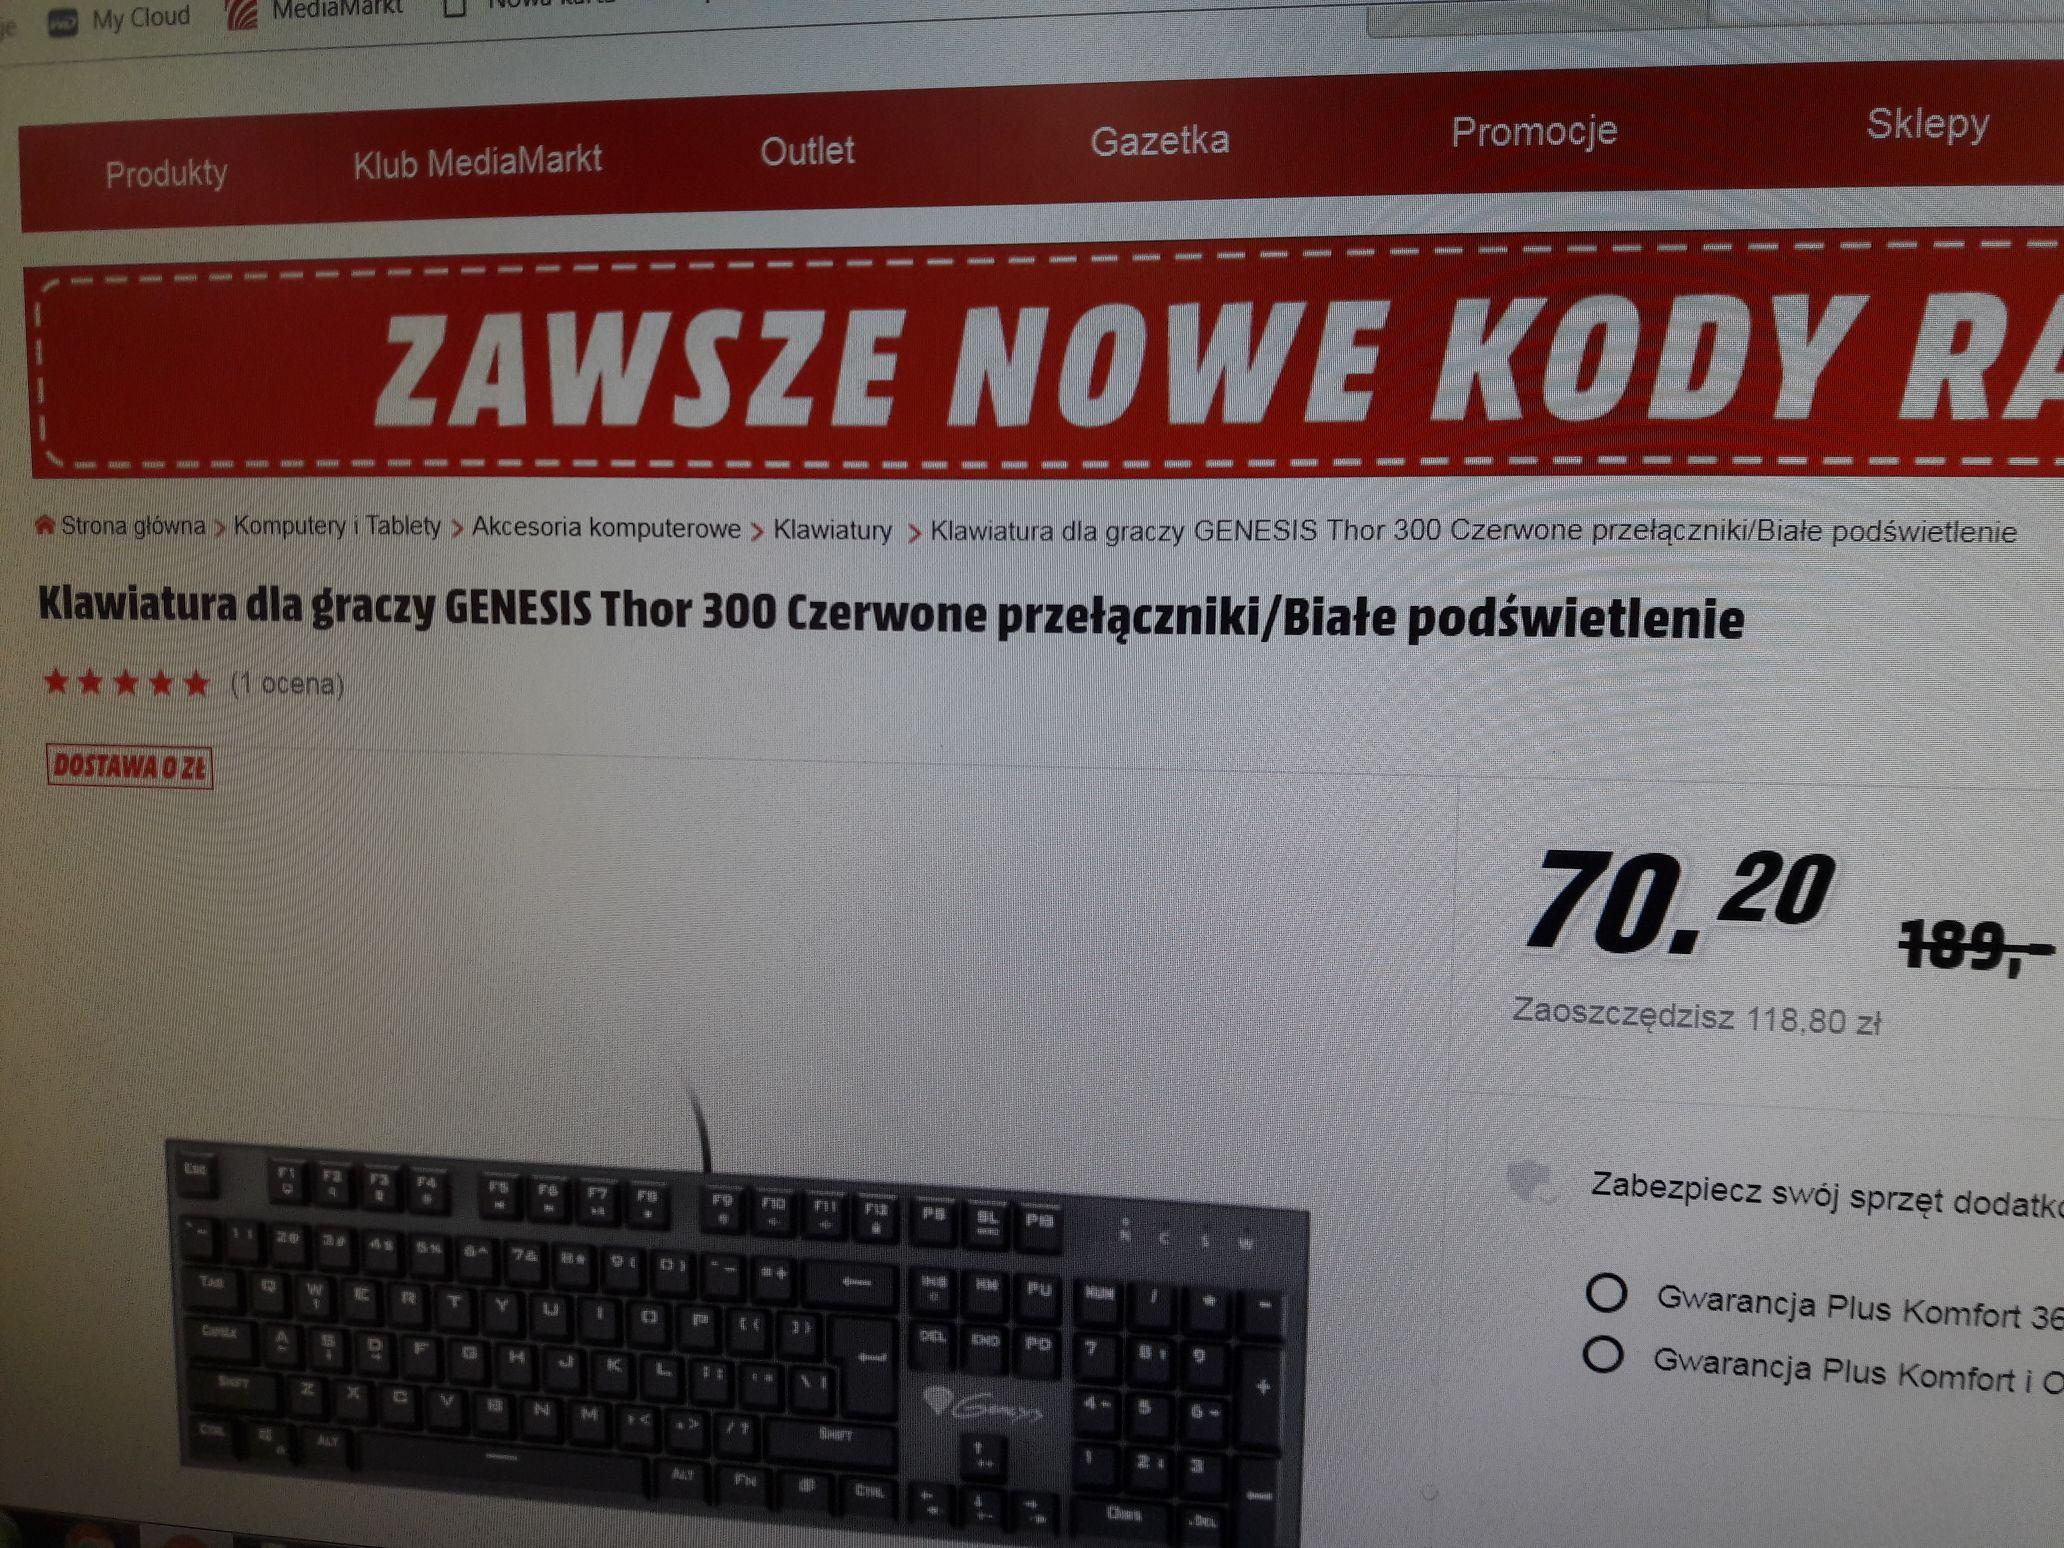 Wietrzenie Magazynow MediaMarkt Klawiatura Mechaniczna Thor 300